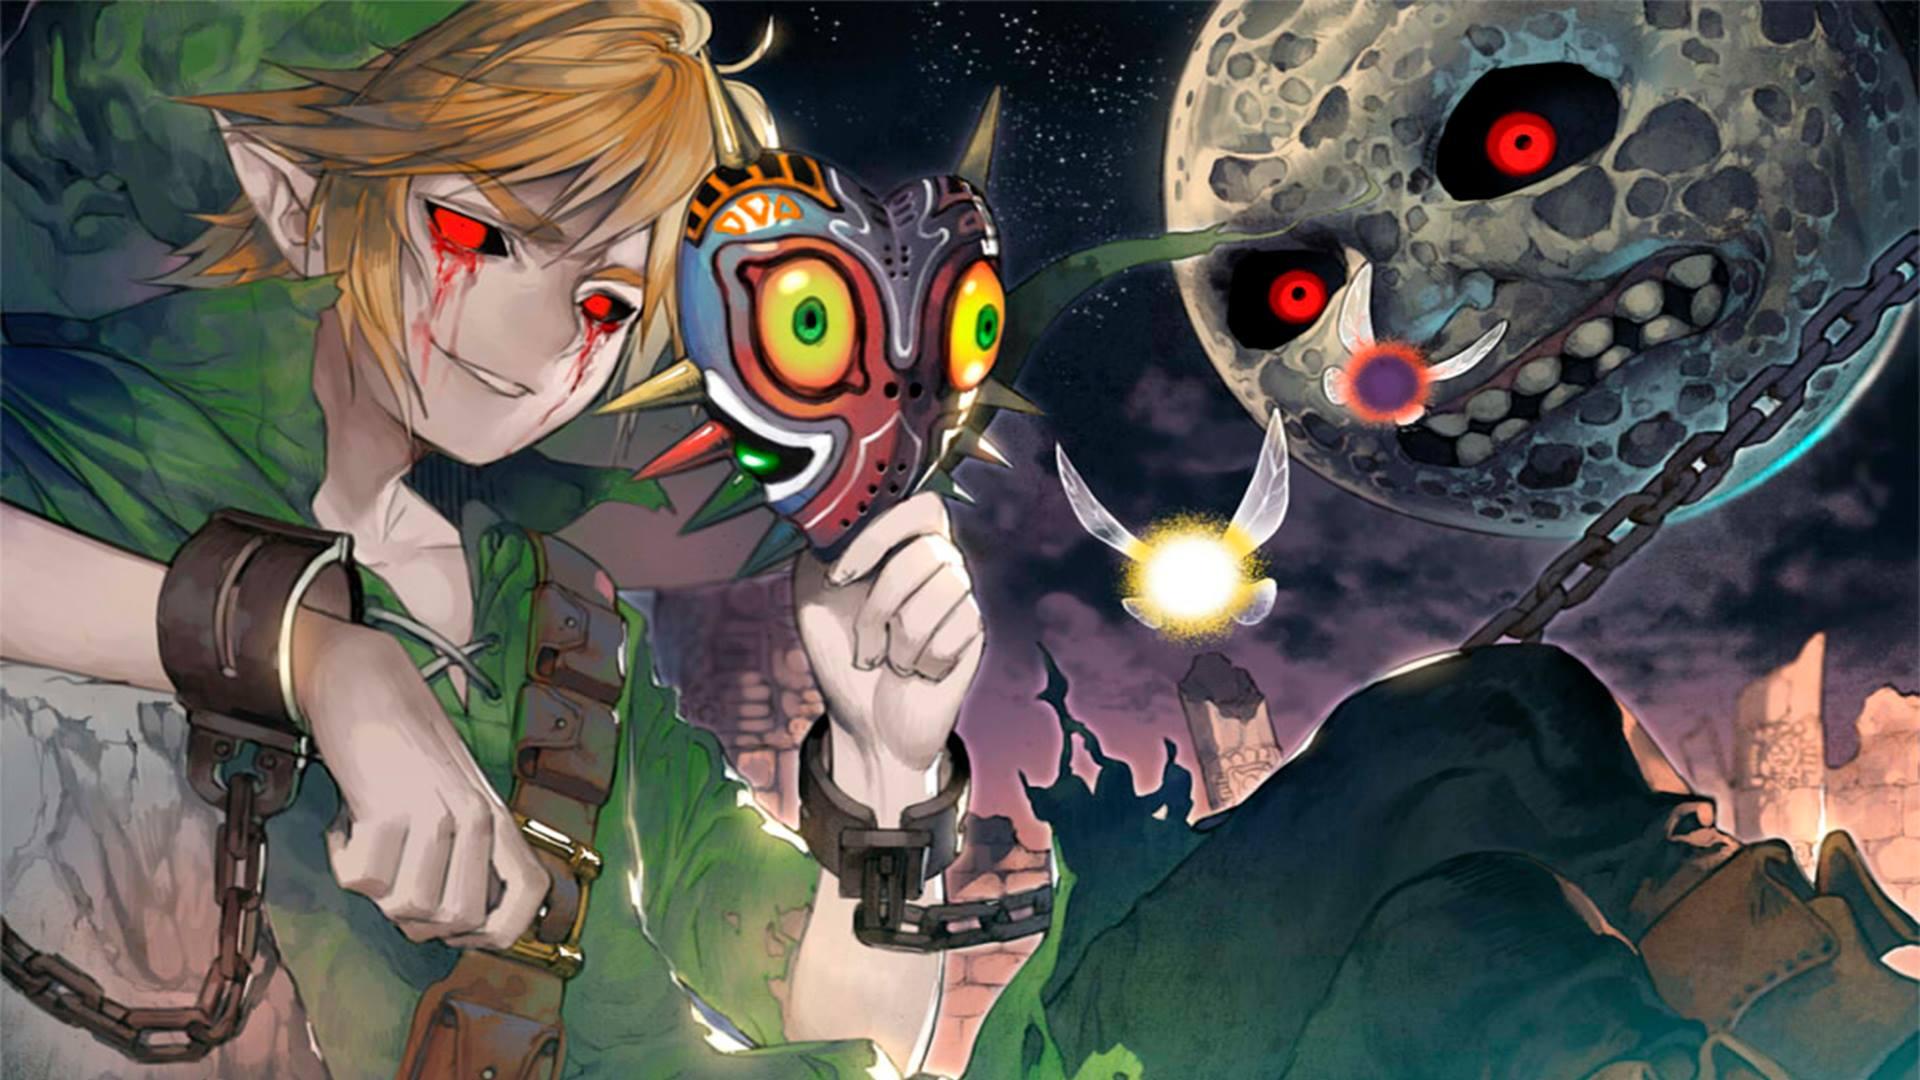 Wallpaper The Legend Of Zelda Majora S Mask Link The Legend Of